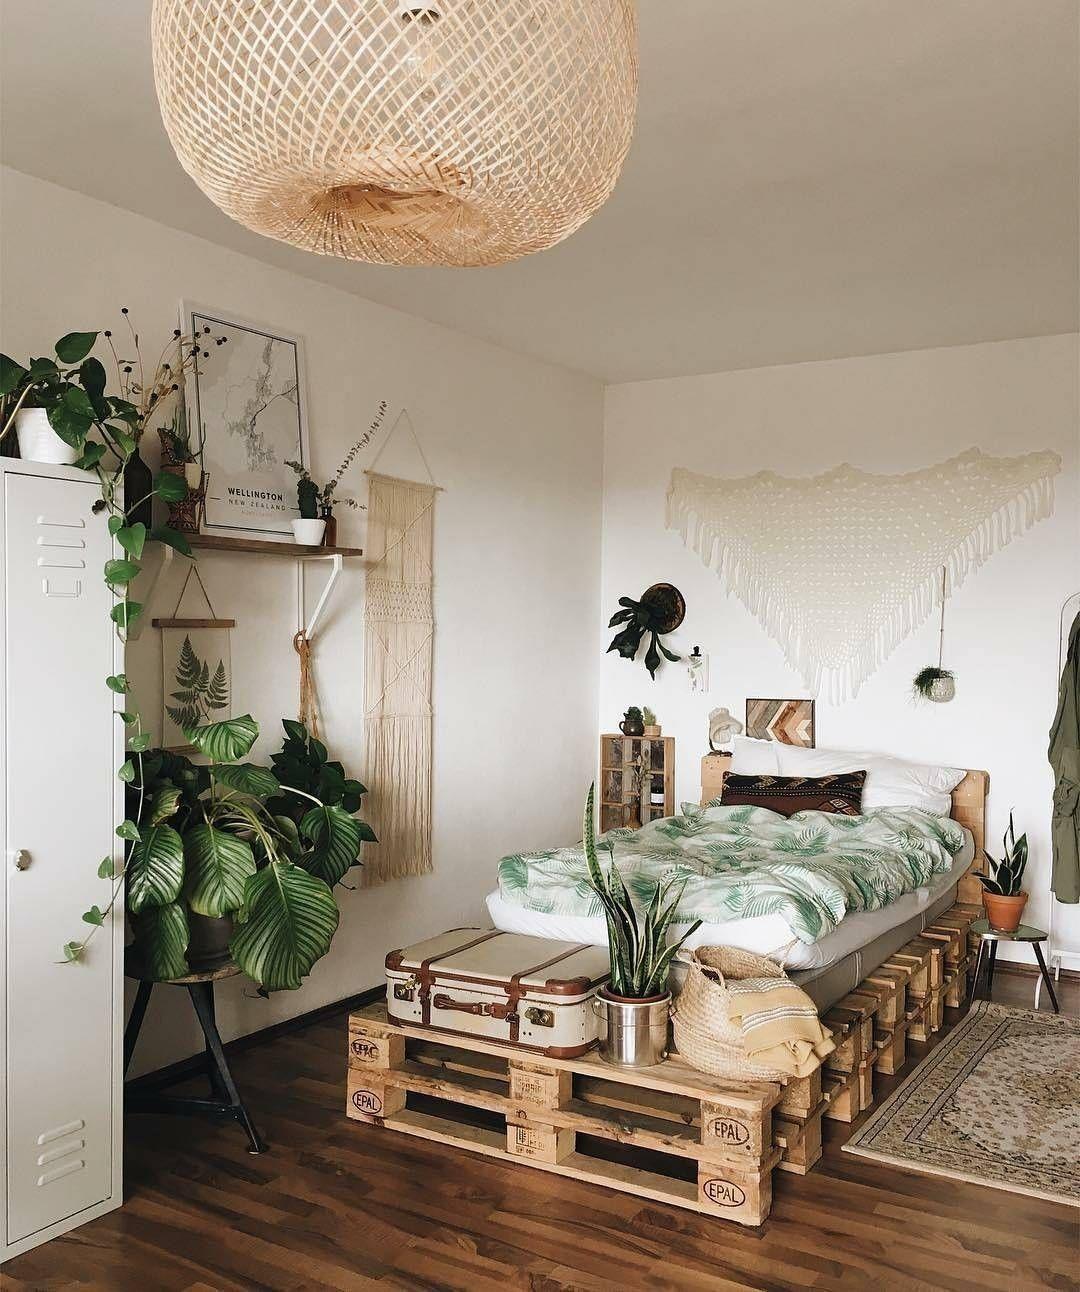 Une Chambre Boho Avec Un Lit En Palettes Deco Hippie Idee Deco